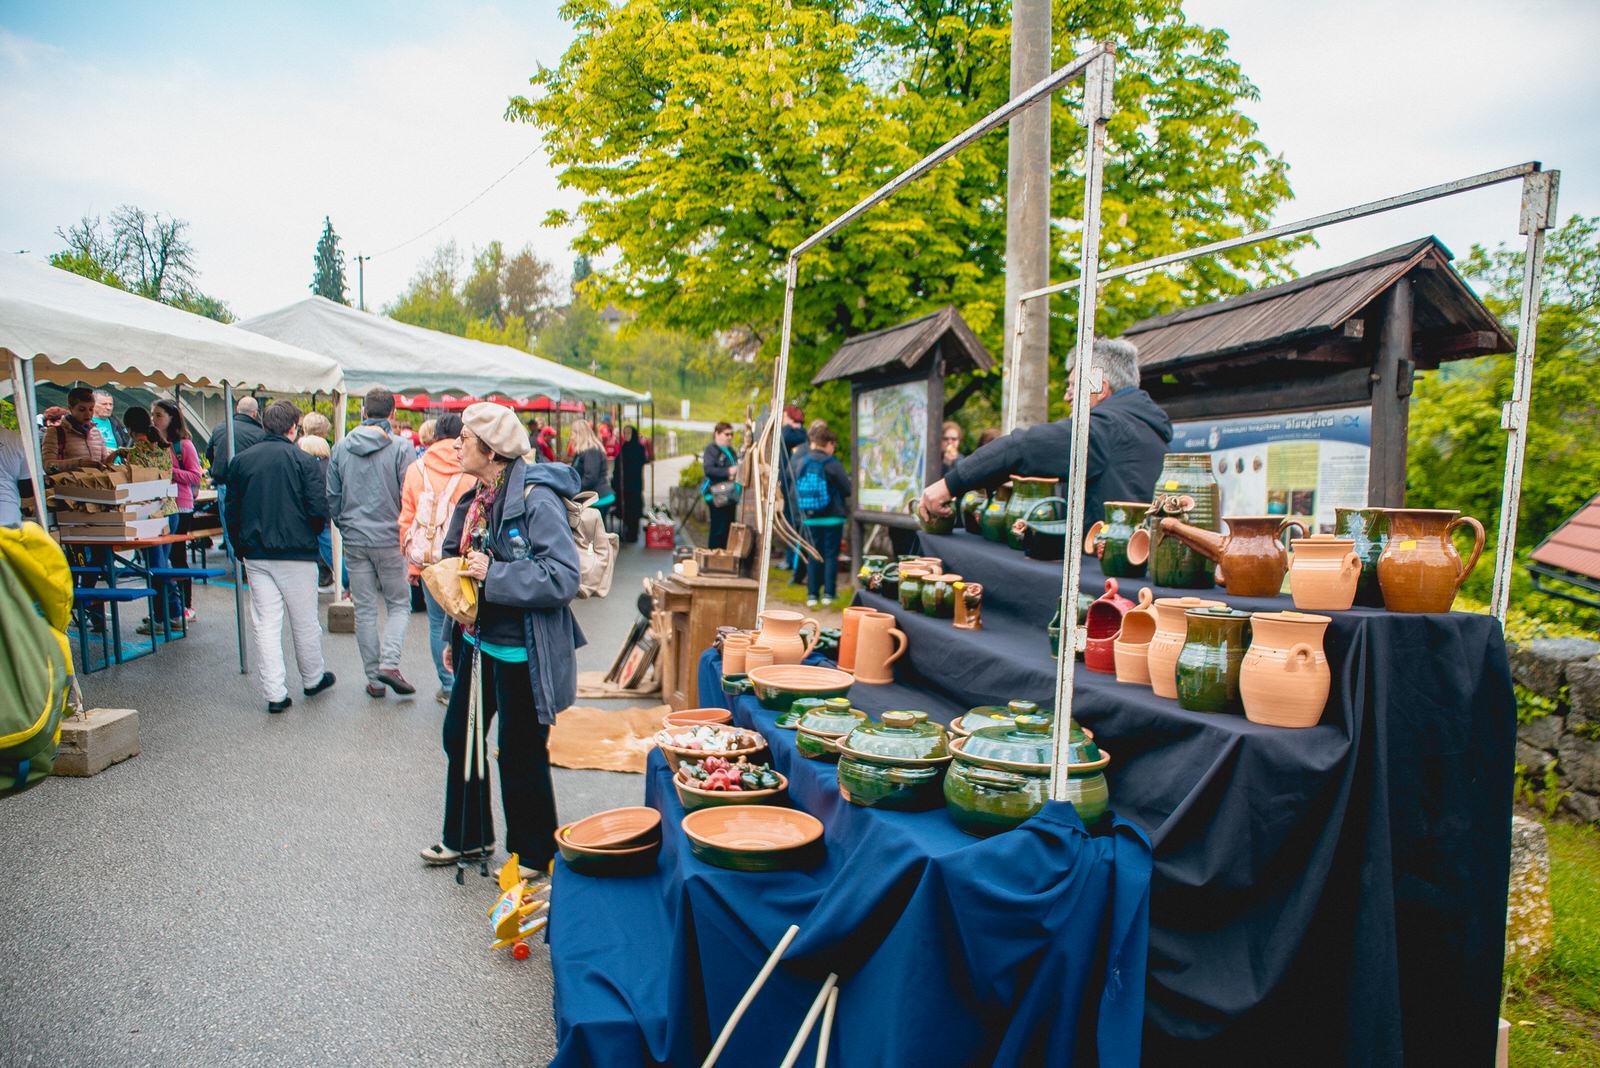 likaclub_slunj_rastoke_5-festival-nordijskog-hodanja_2019-2